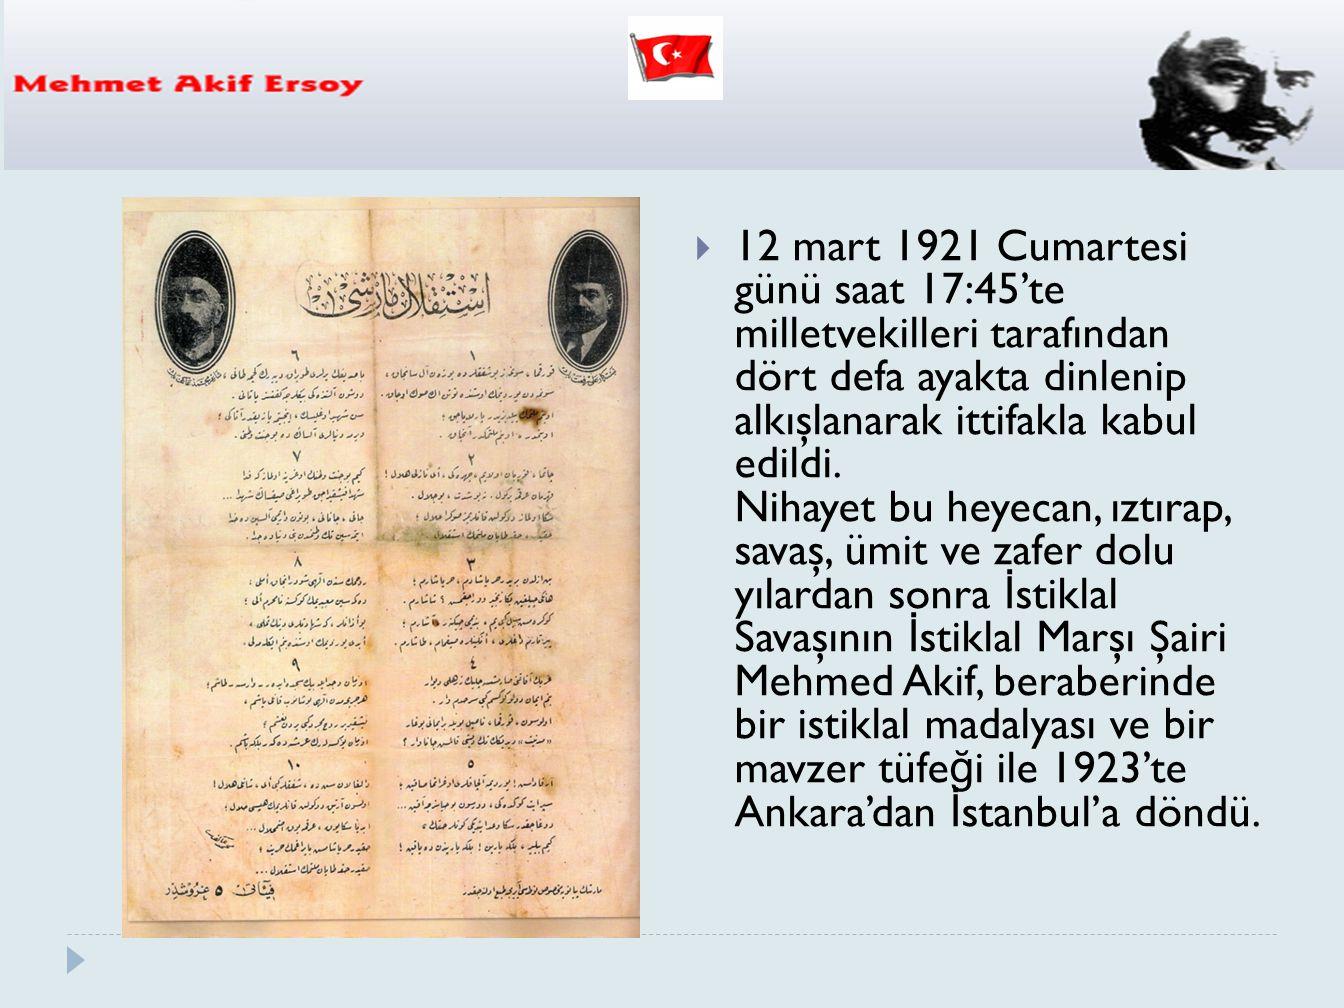  12 mart 1921 Cumartesi günü saat 17:45'te milletvekilleri tarafından dört defa ayakta dinlenip alkışlanarak ittifakla kabul edildi. Nihayet bu heyec